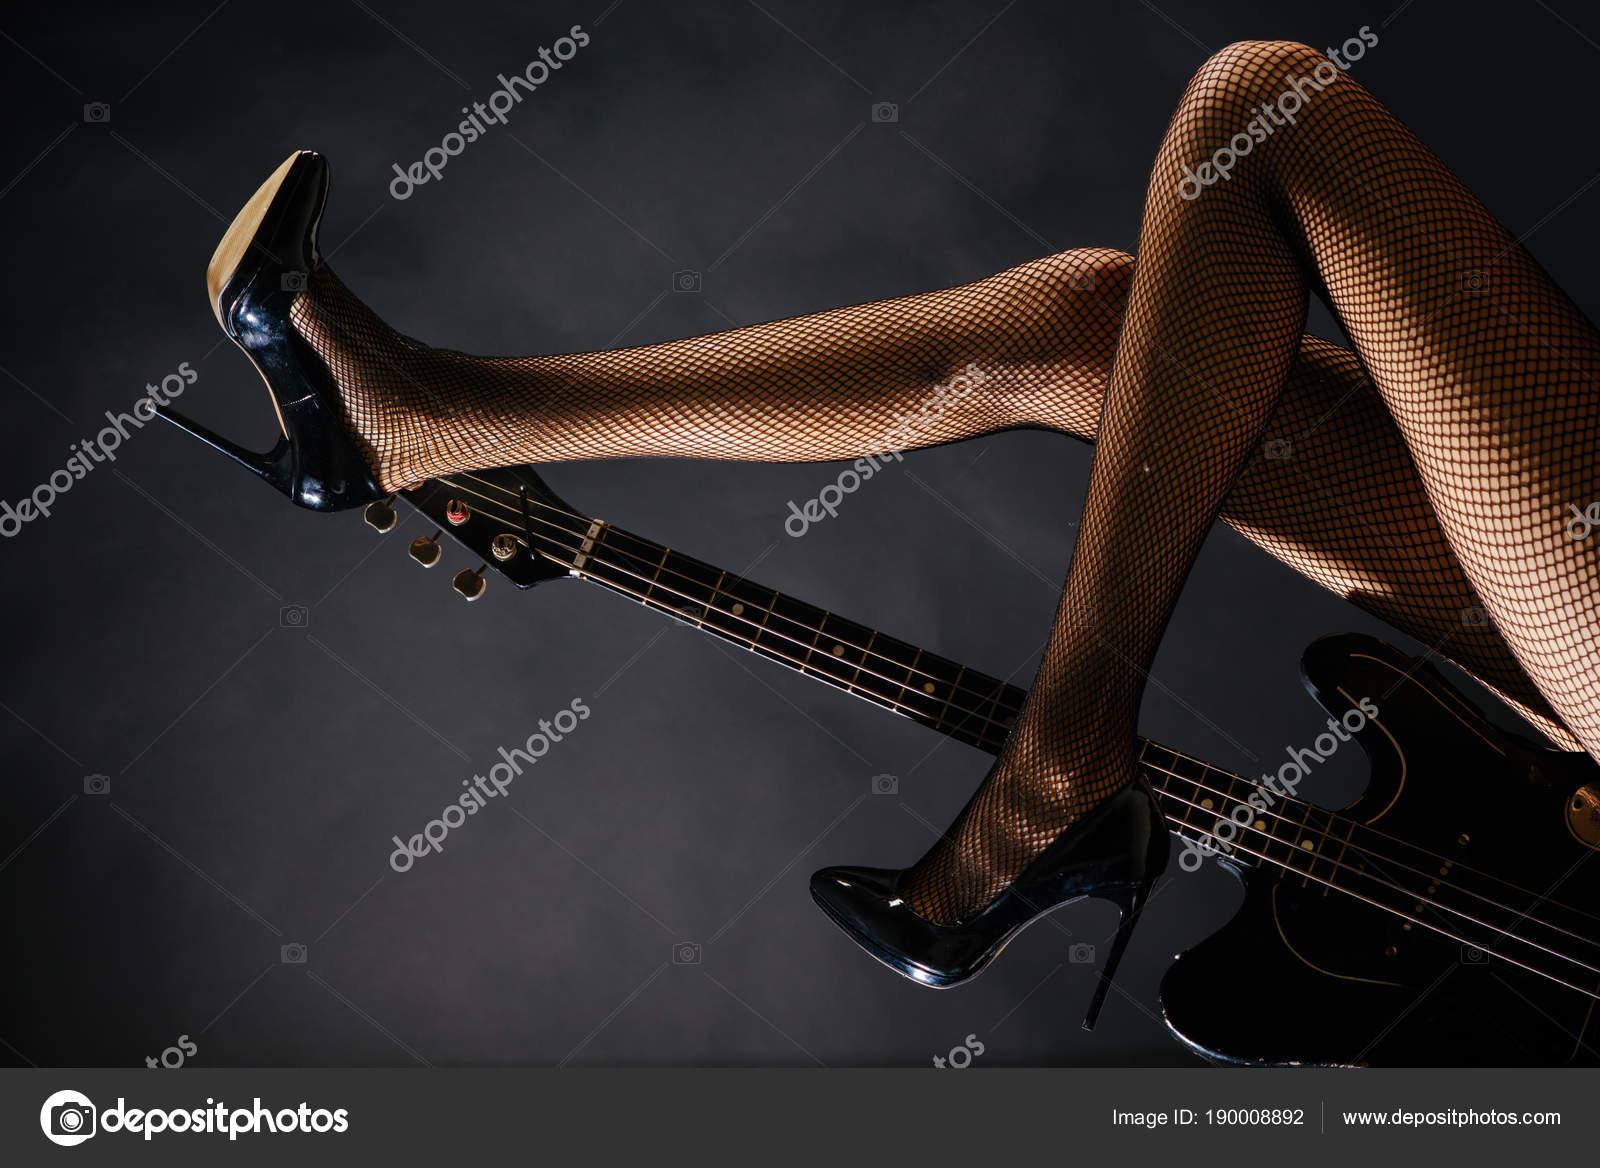 Gitara I Stopy Kobiece Nogi Ciało Zmysłowe Piękne Wiersze